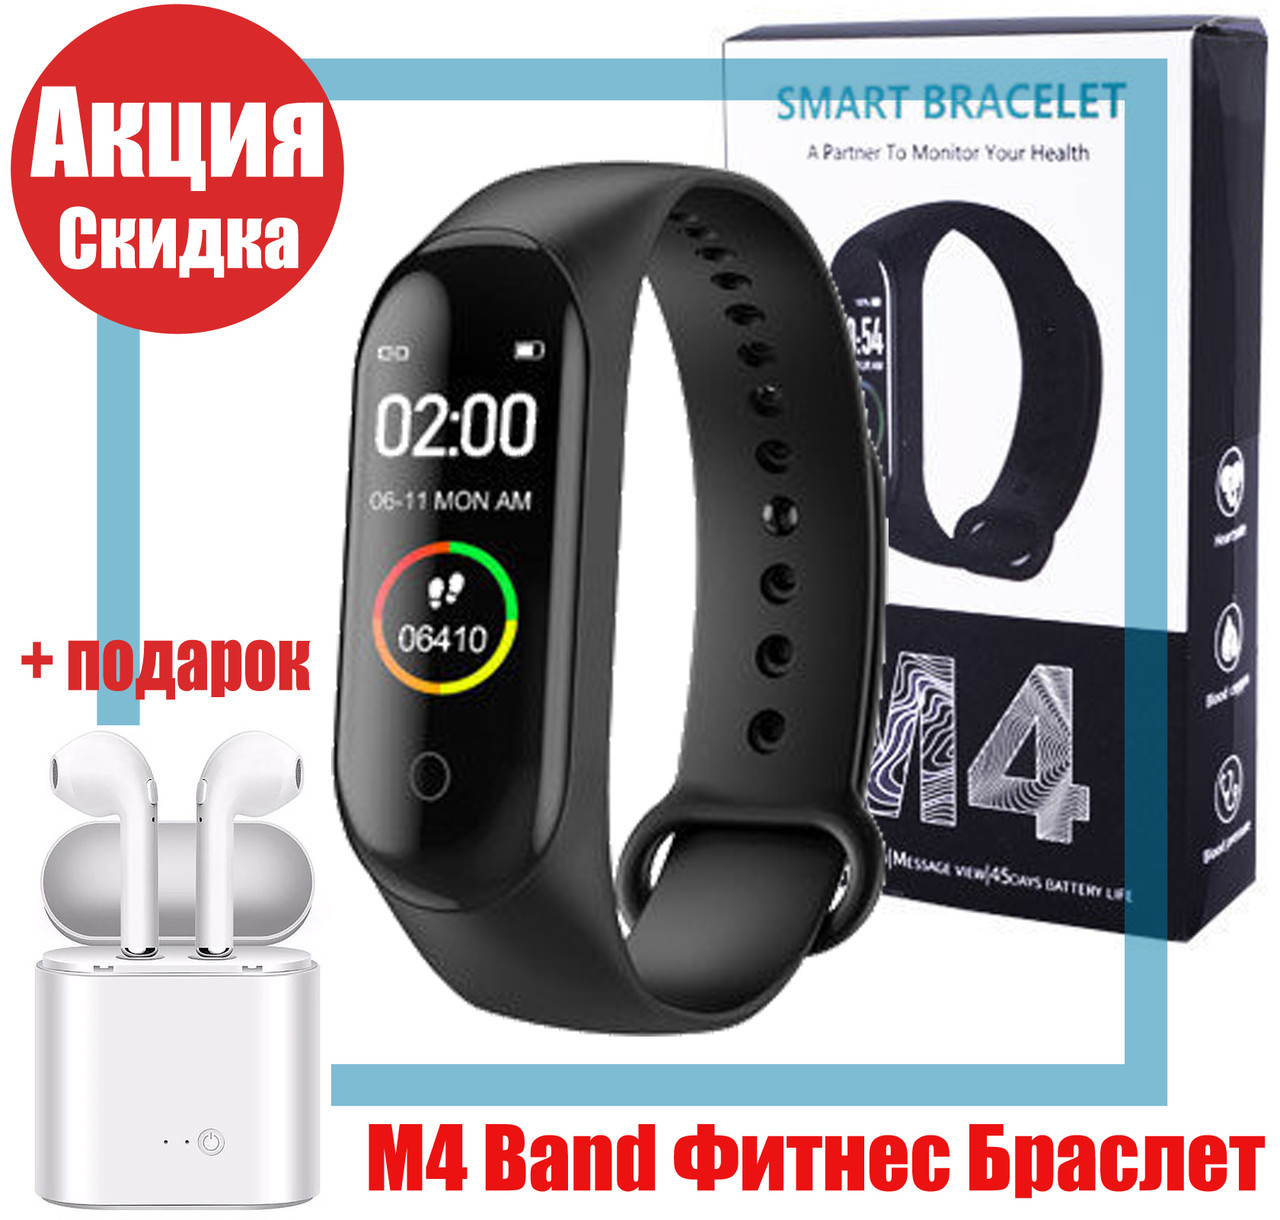 Фитнес браслет Xiaomi Mi Band 4  M4 band шагомер пульс давление контроль сна звонки смс QualitiReplica реплика